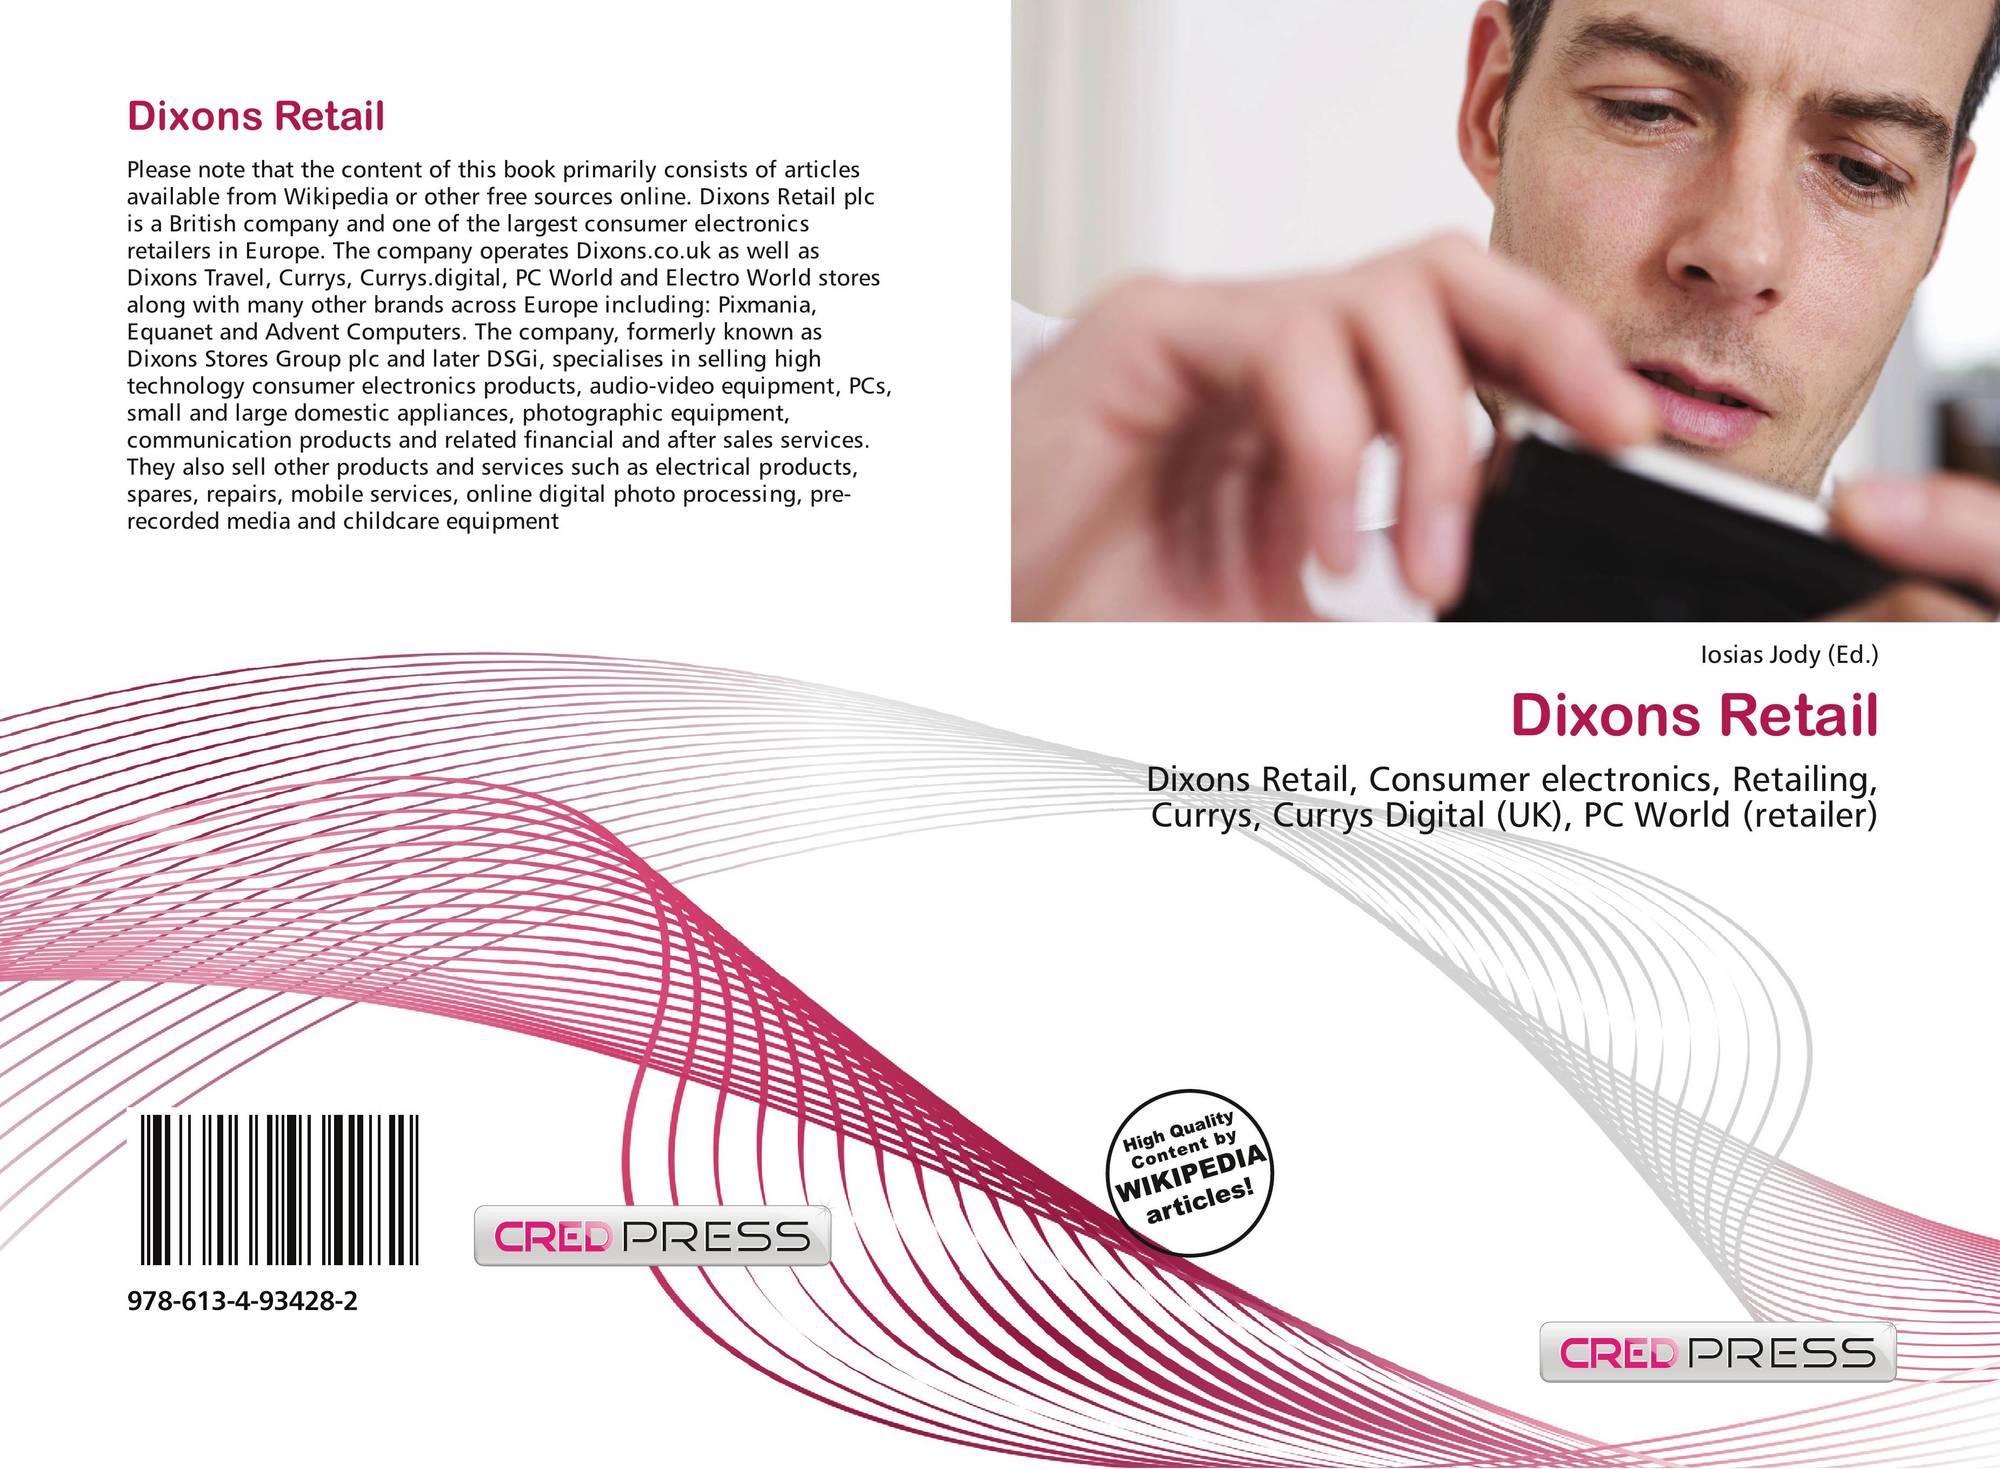 Dixons Retail, 978-613-4-93428-2, 6134934283 ,9786134934282